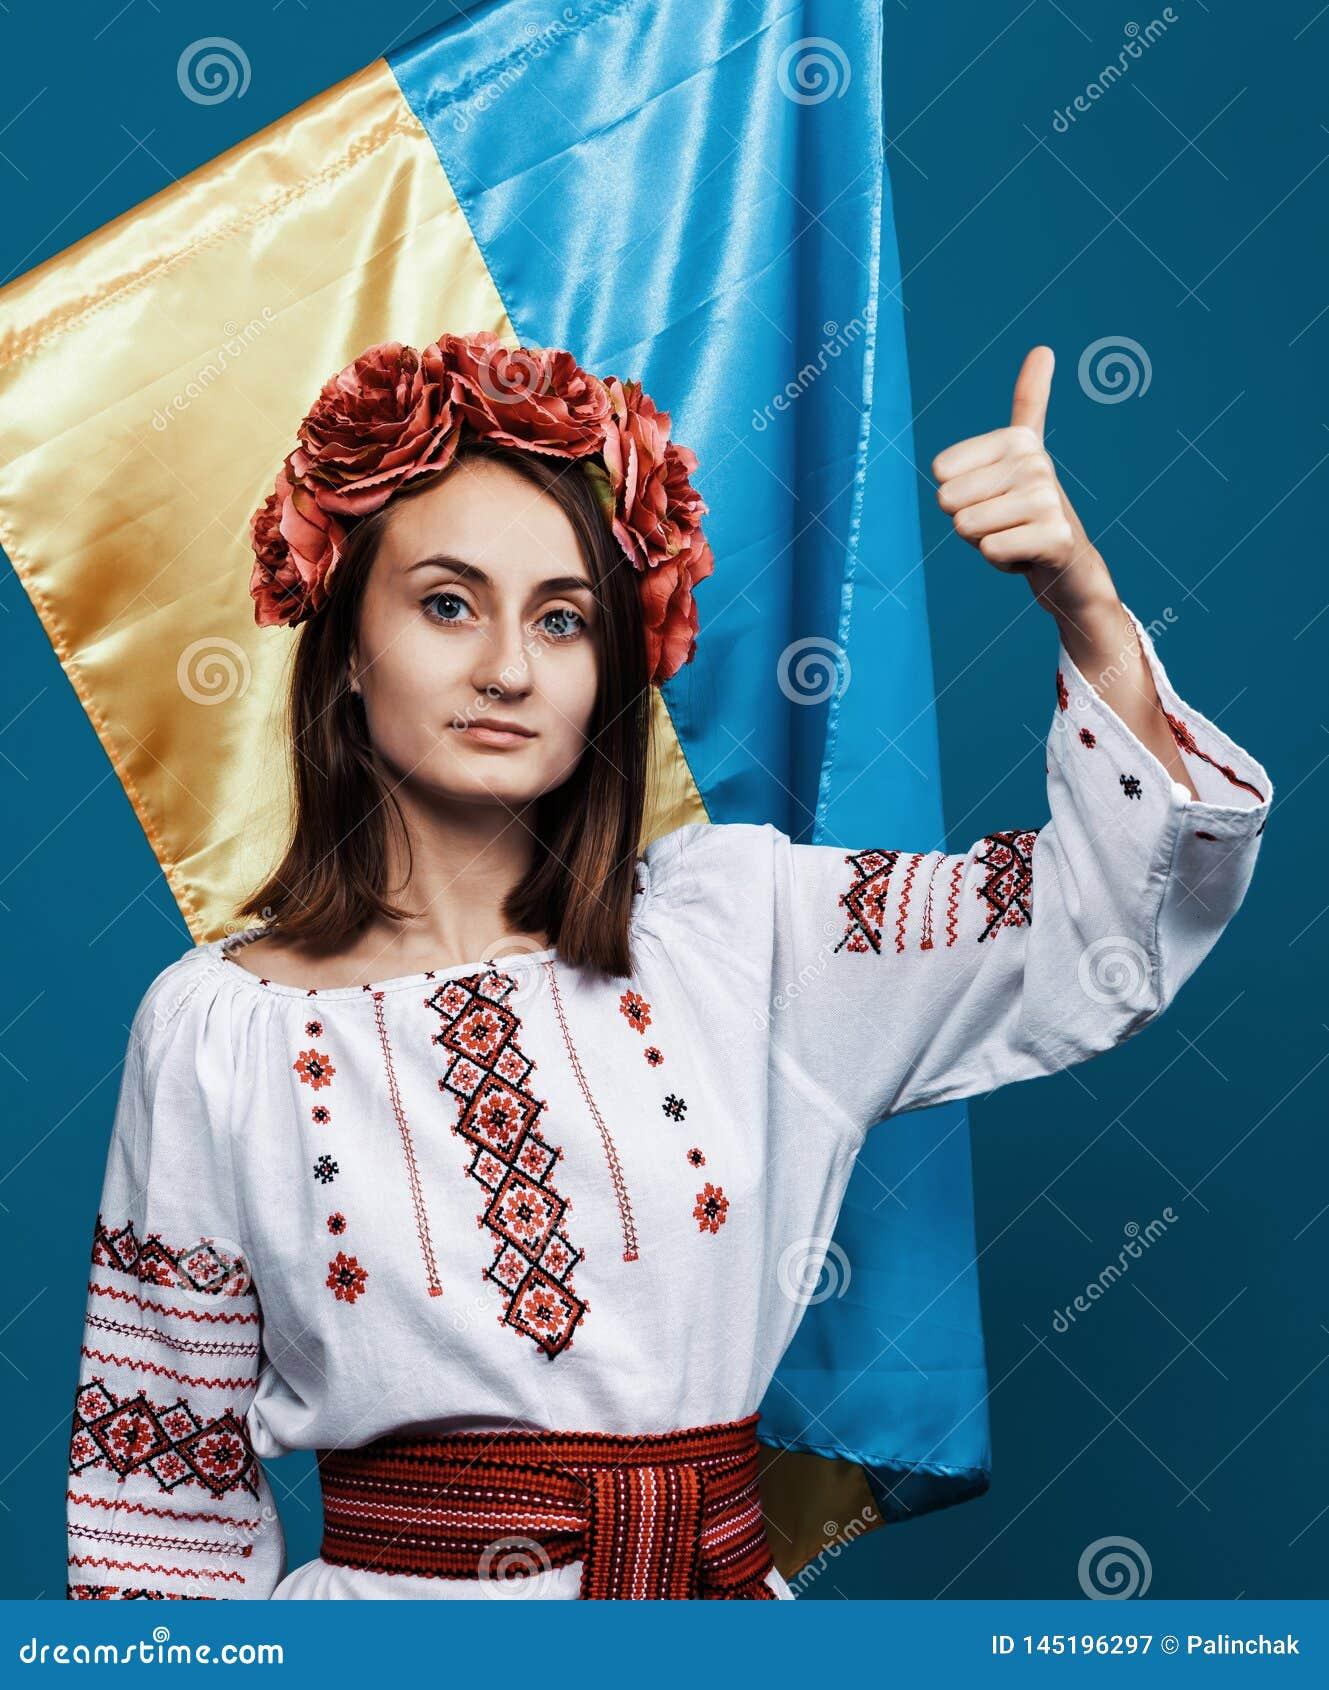 Ukraine patriotic concept